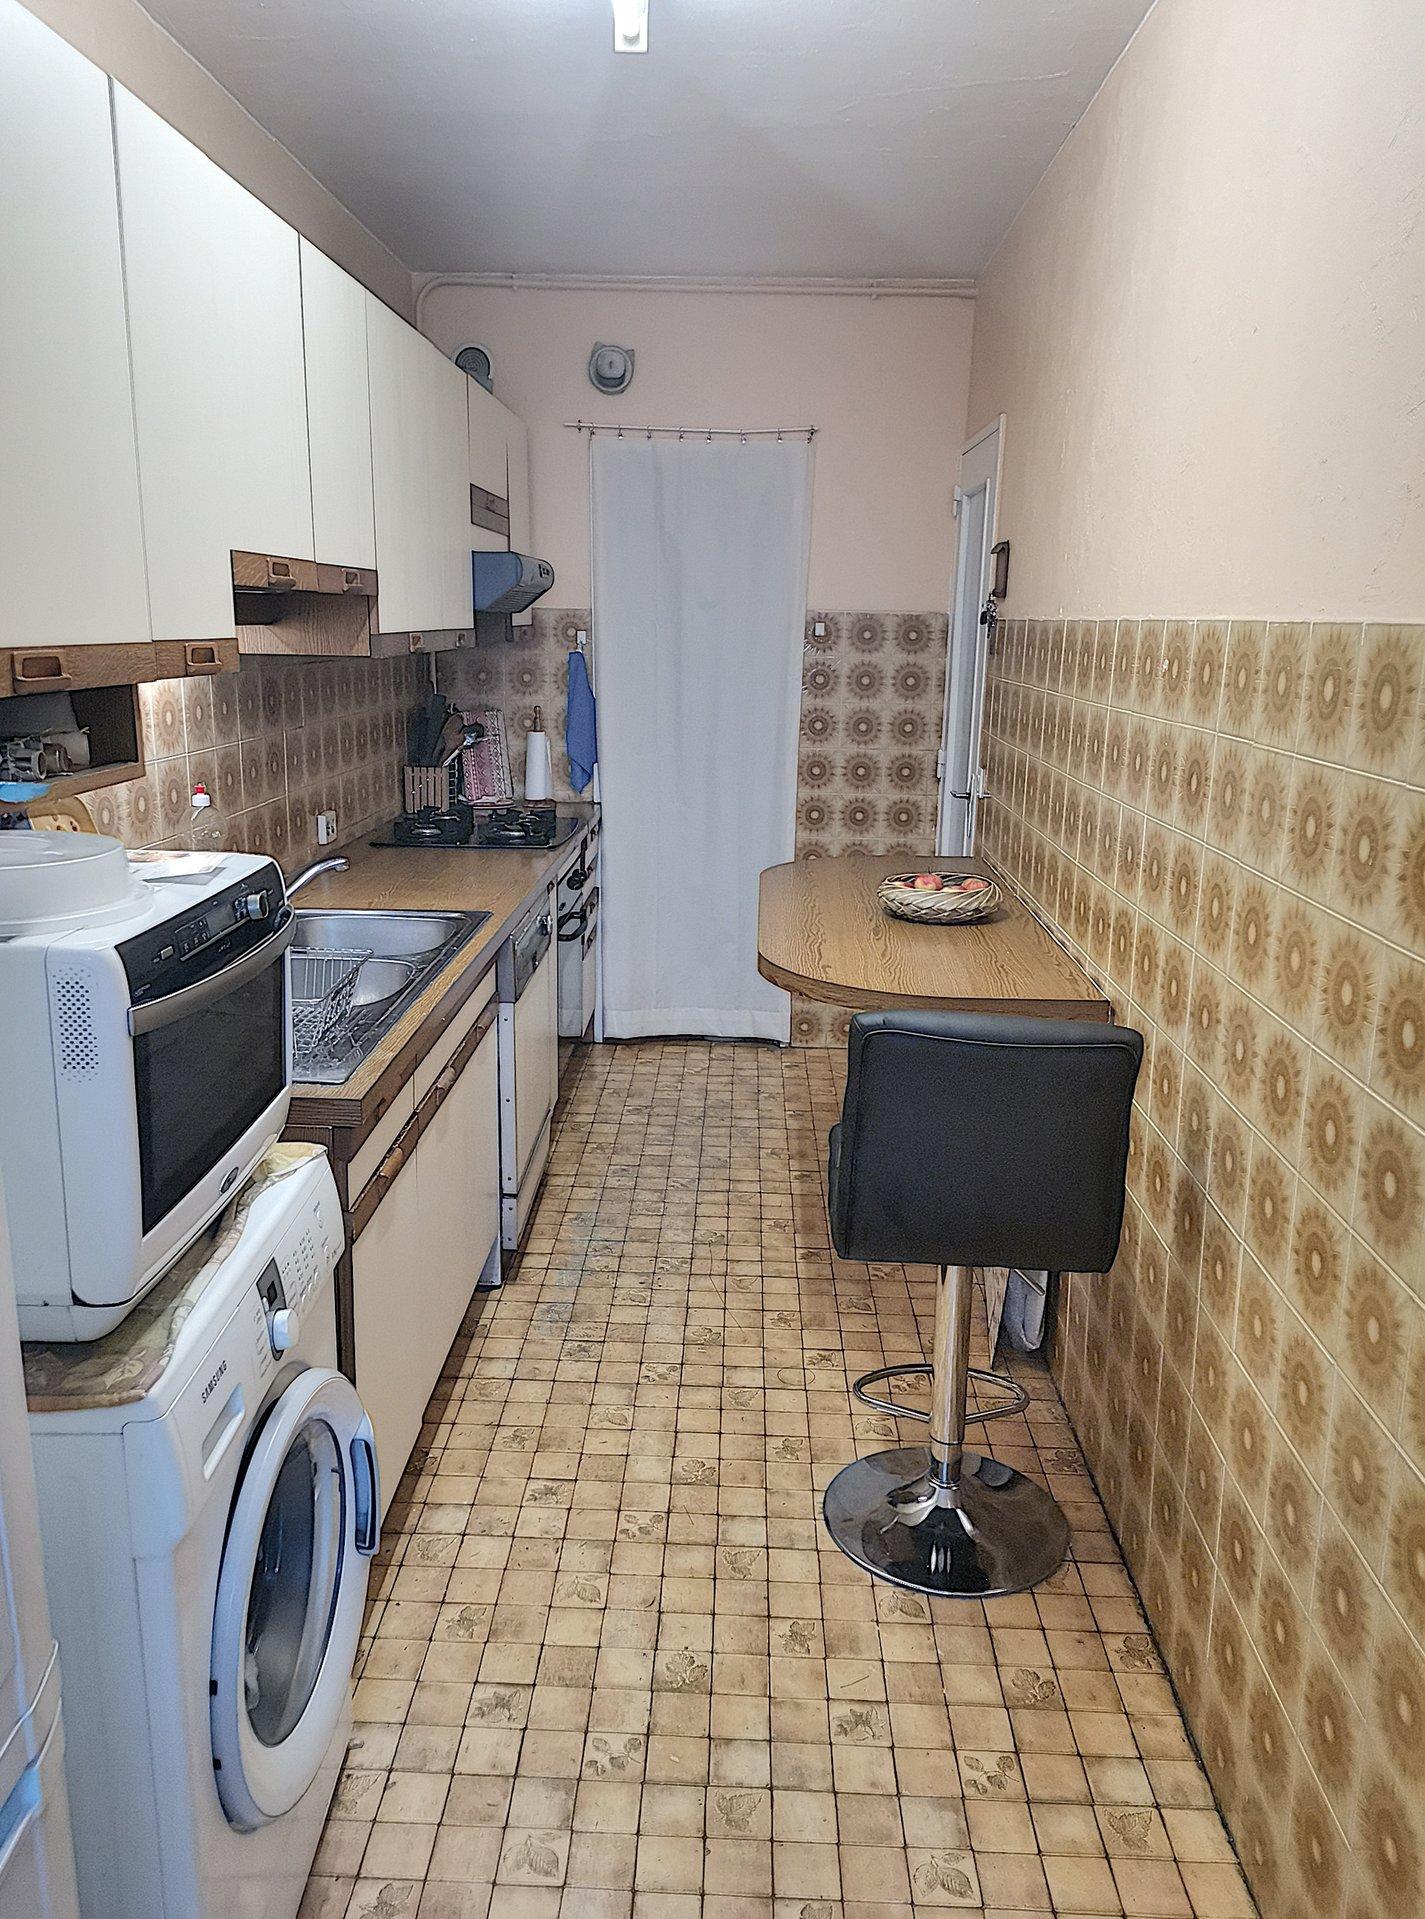 SAINT - LAURENT - DU - VAR (06700) - Appartement  - 3 PIÈCES - Centre Ville